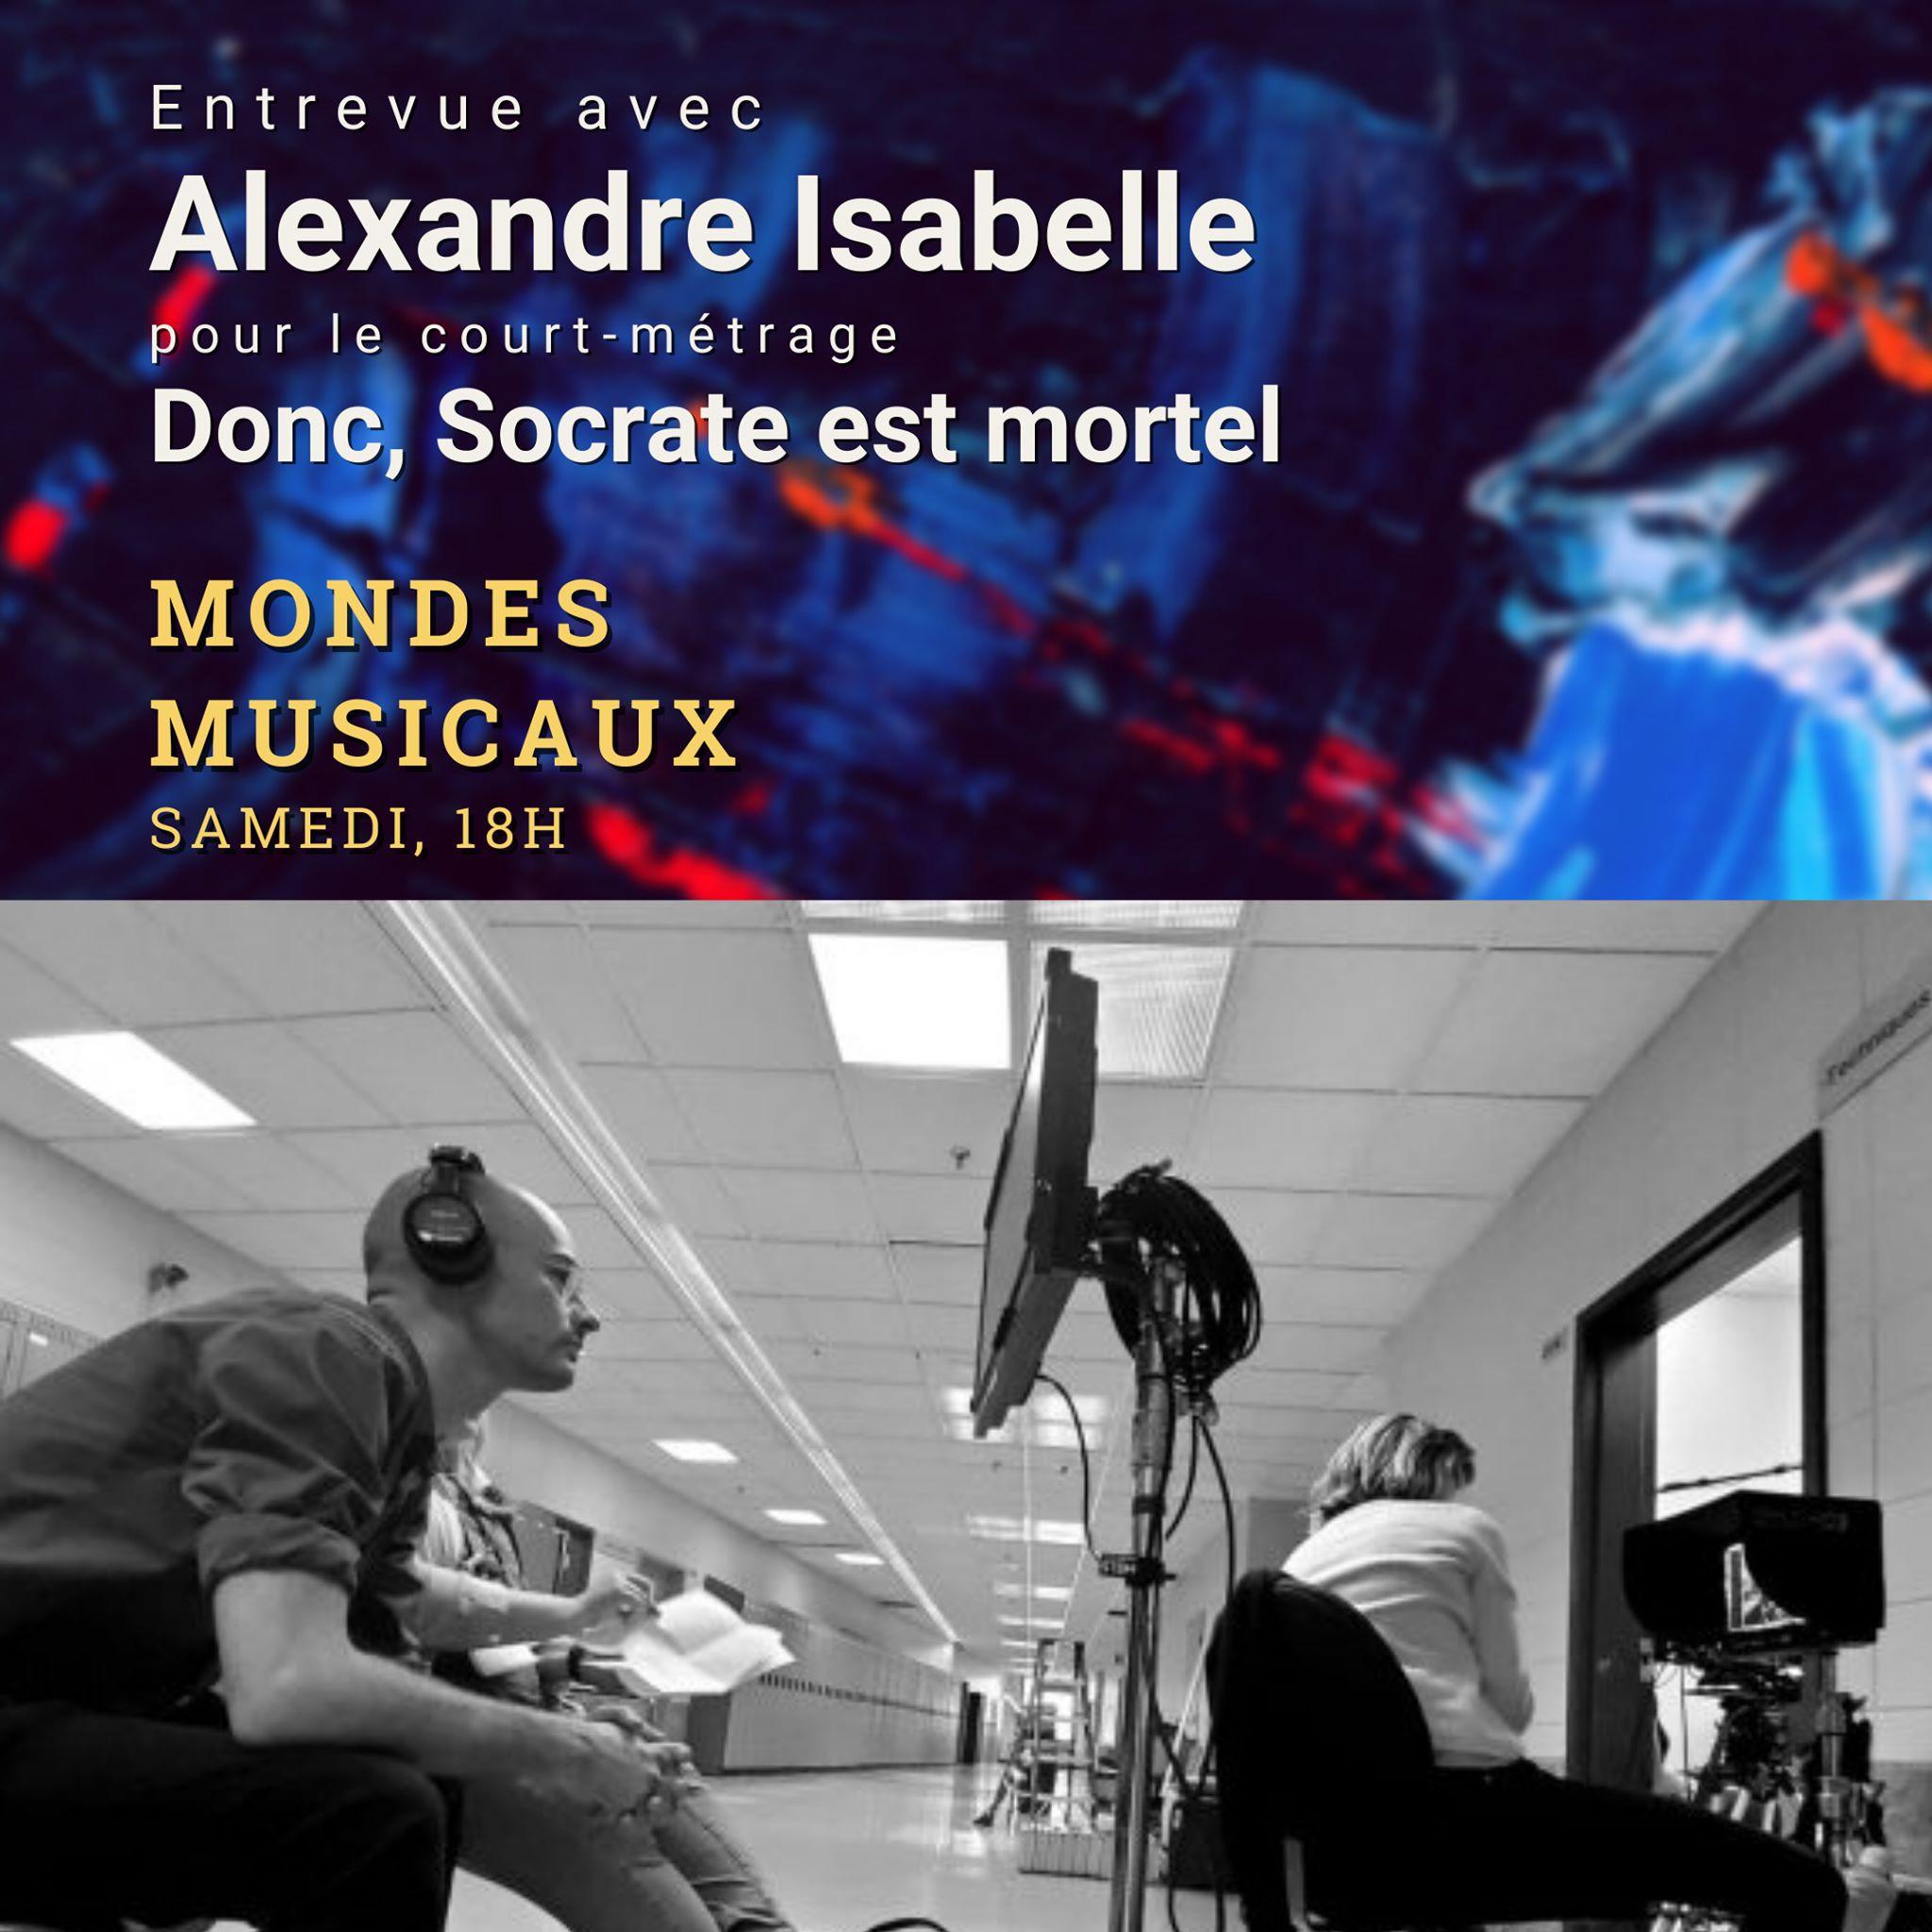 Le dernier court métrage d'Alexandre Isabelle